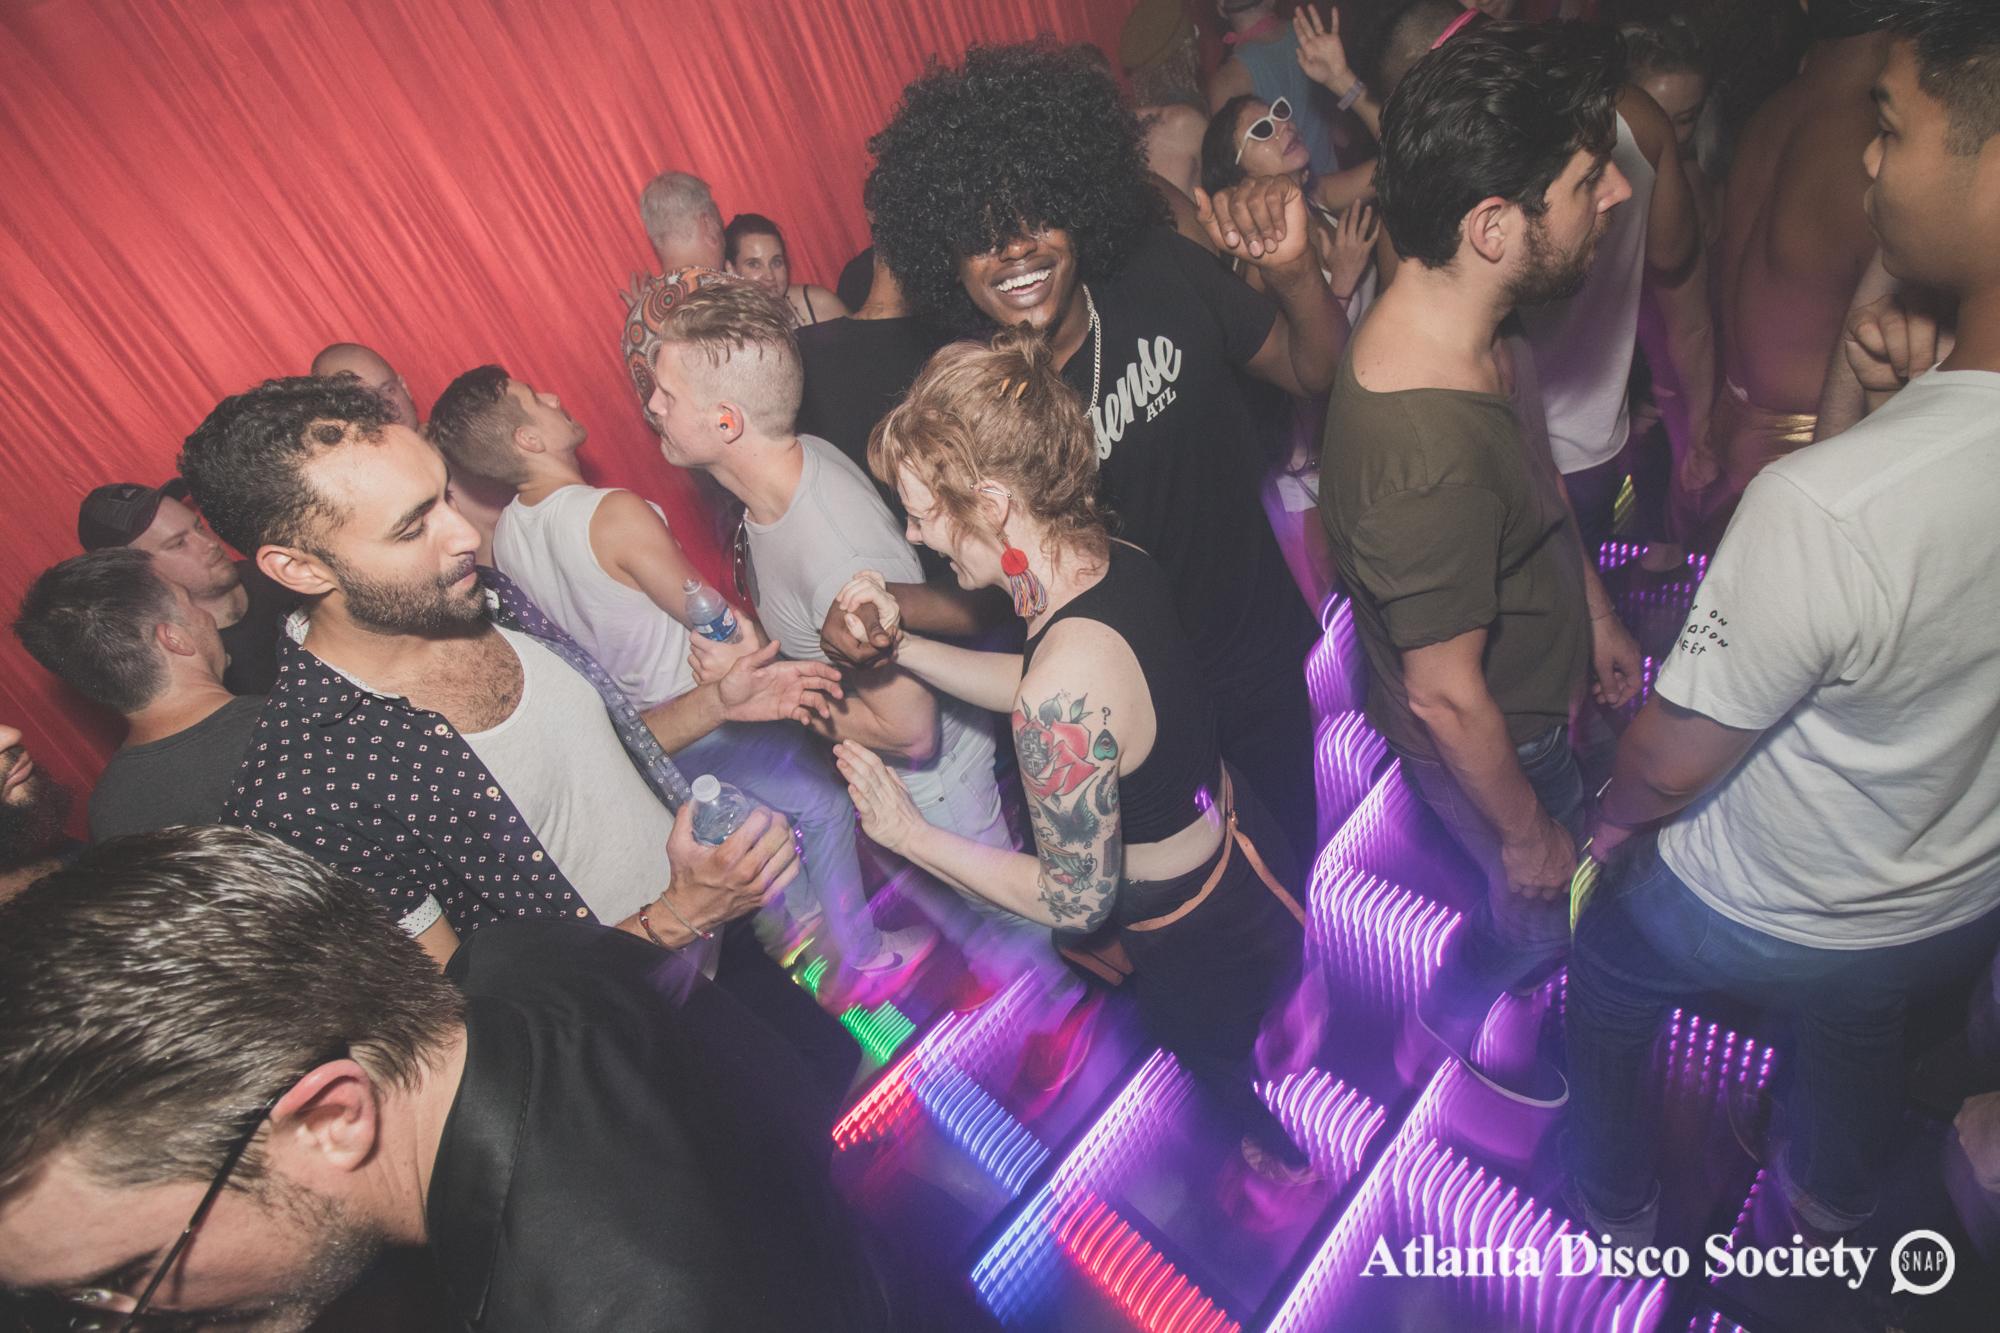 95Atlanta Disco Society Grace Kelly Oh Snap Kid 7.27.19.jpg